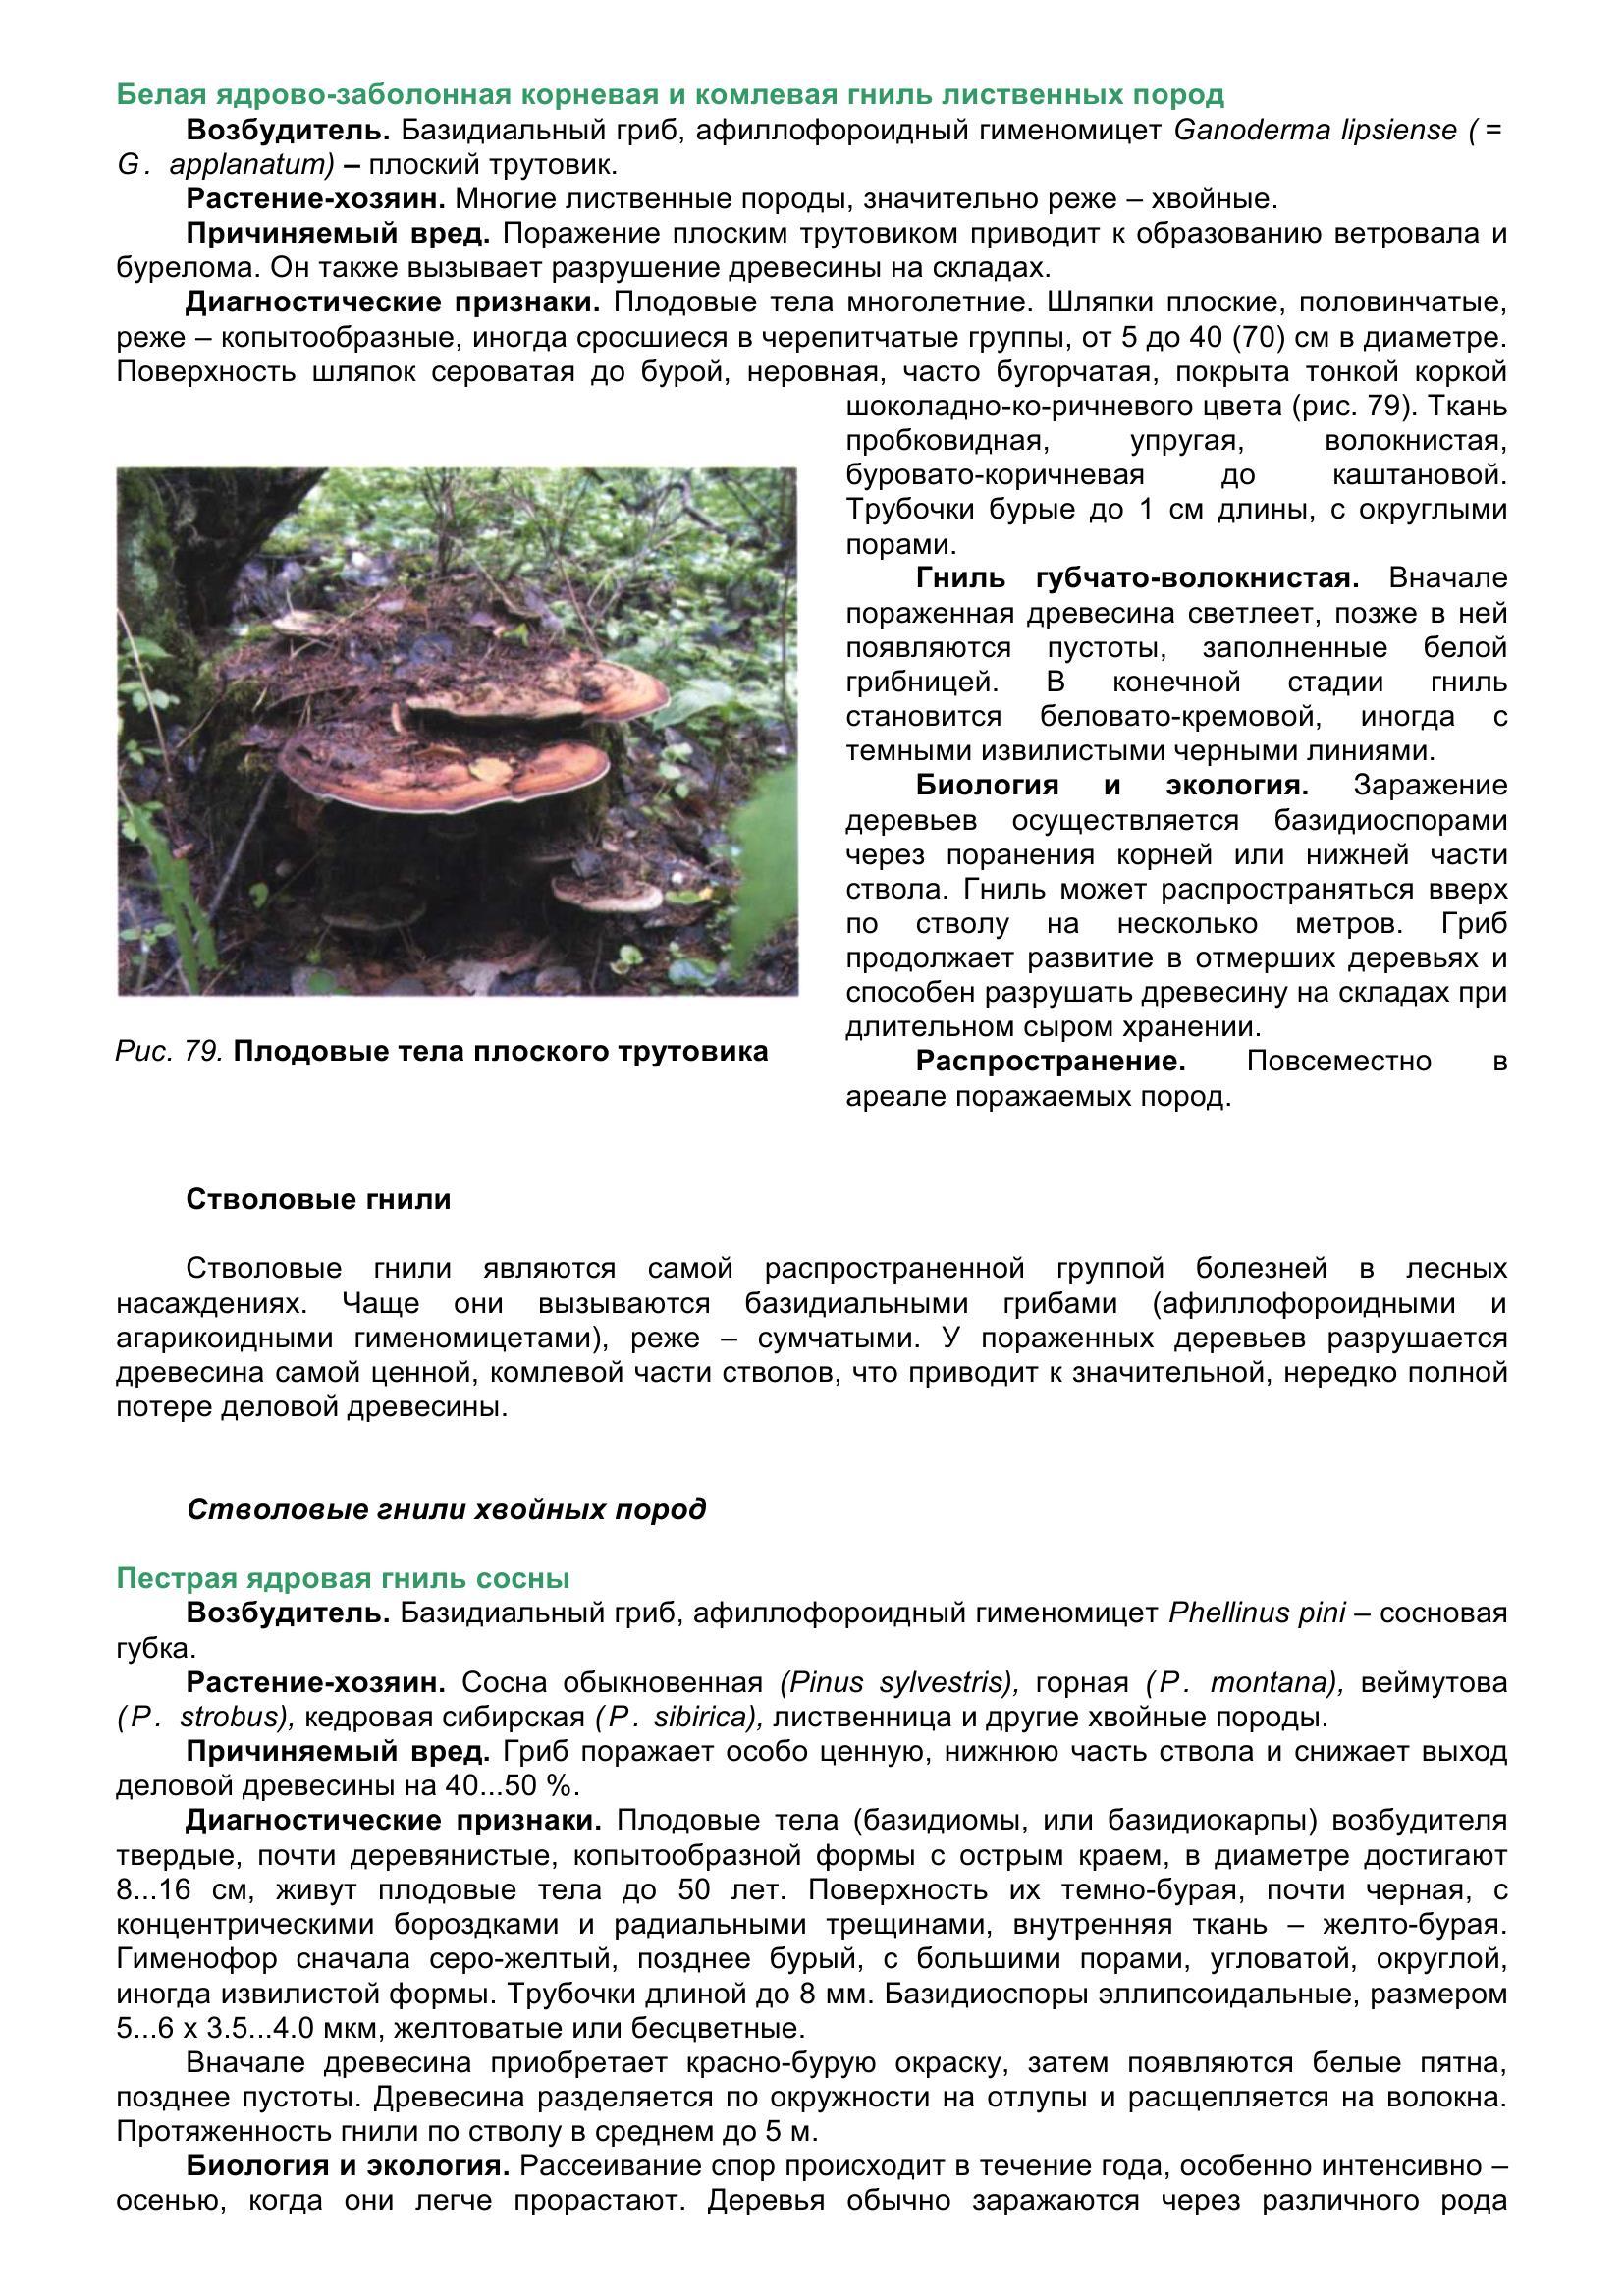 Болезни_древесных_растений_092.jpg